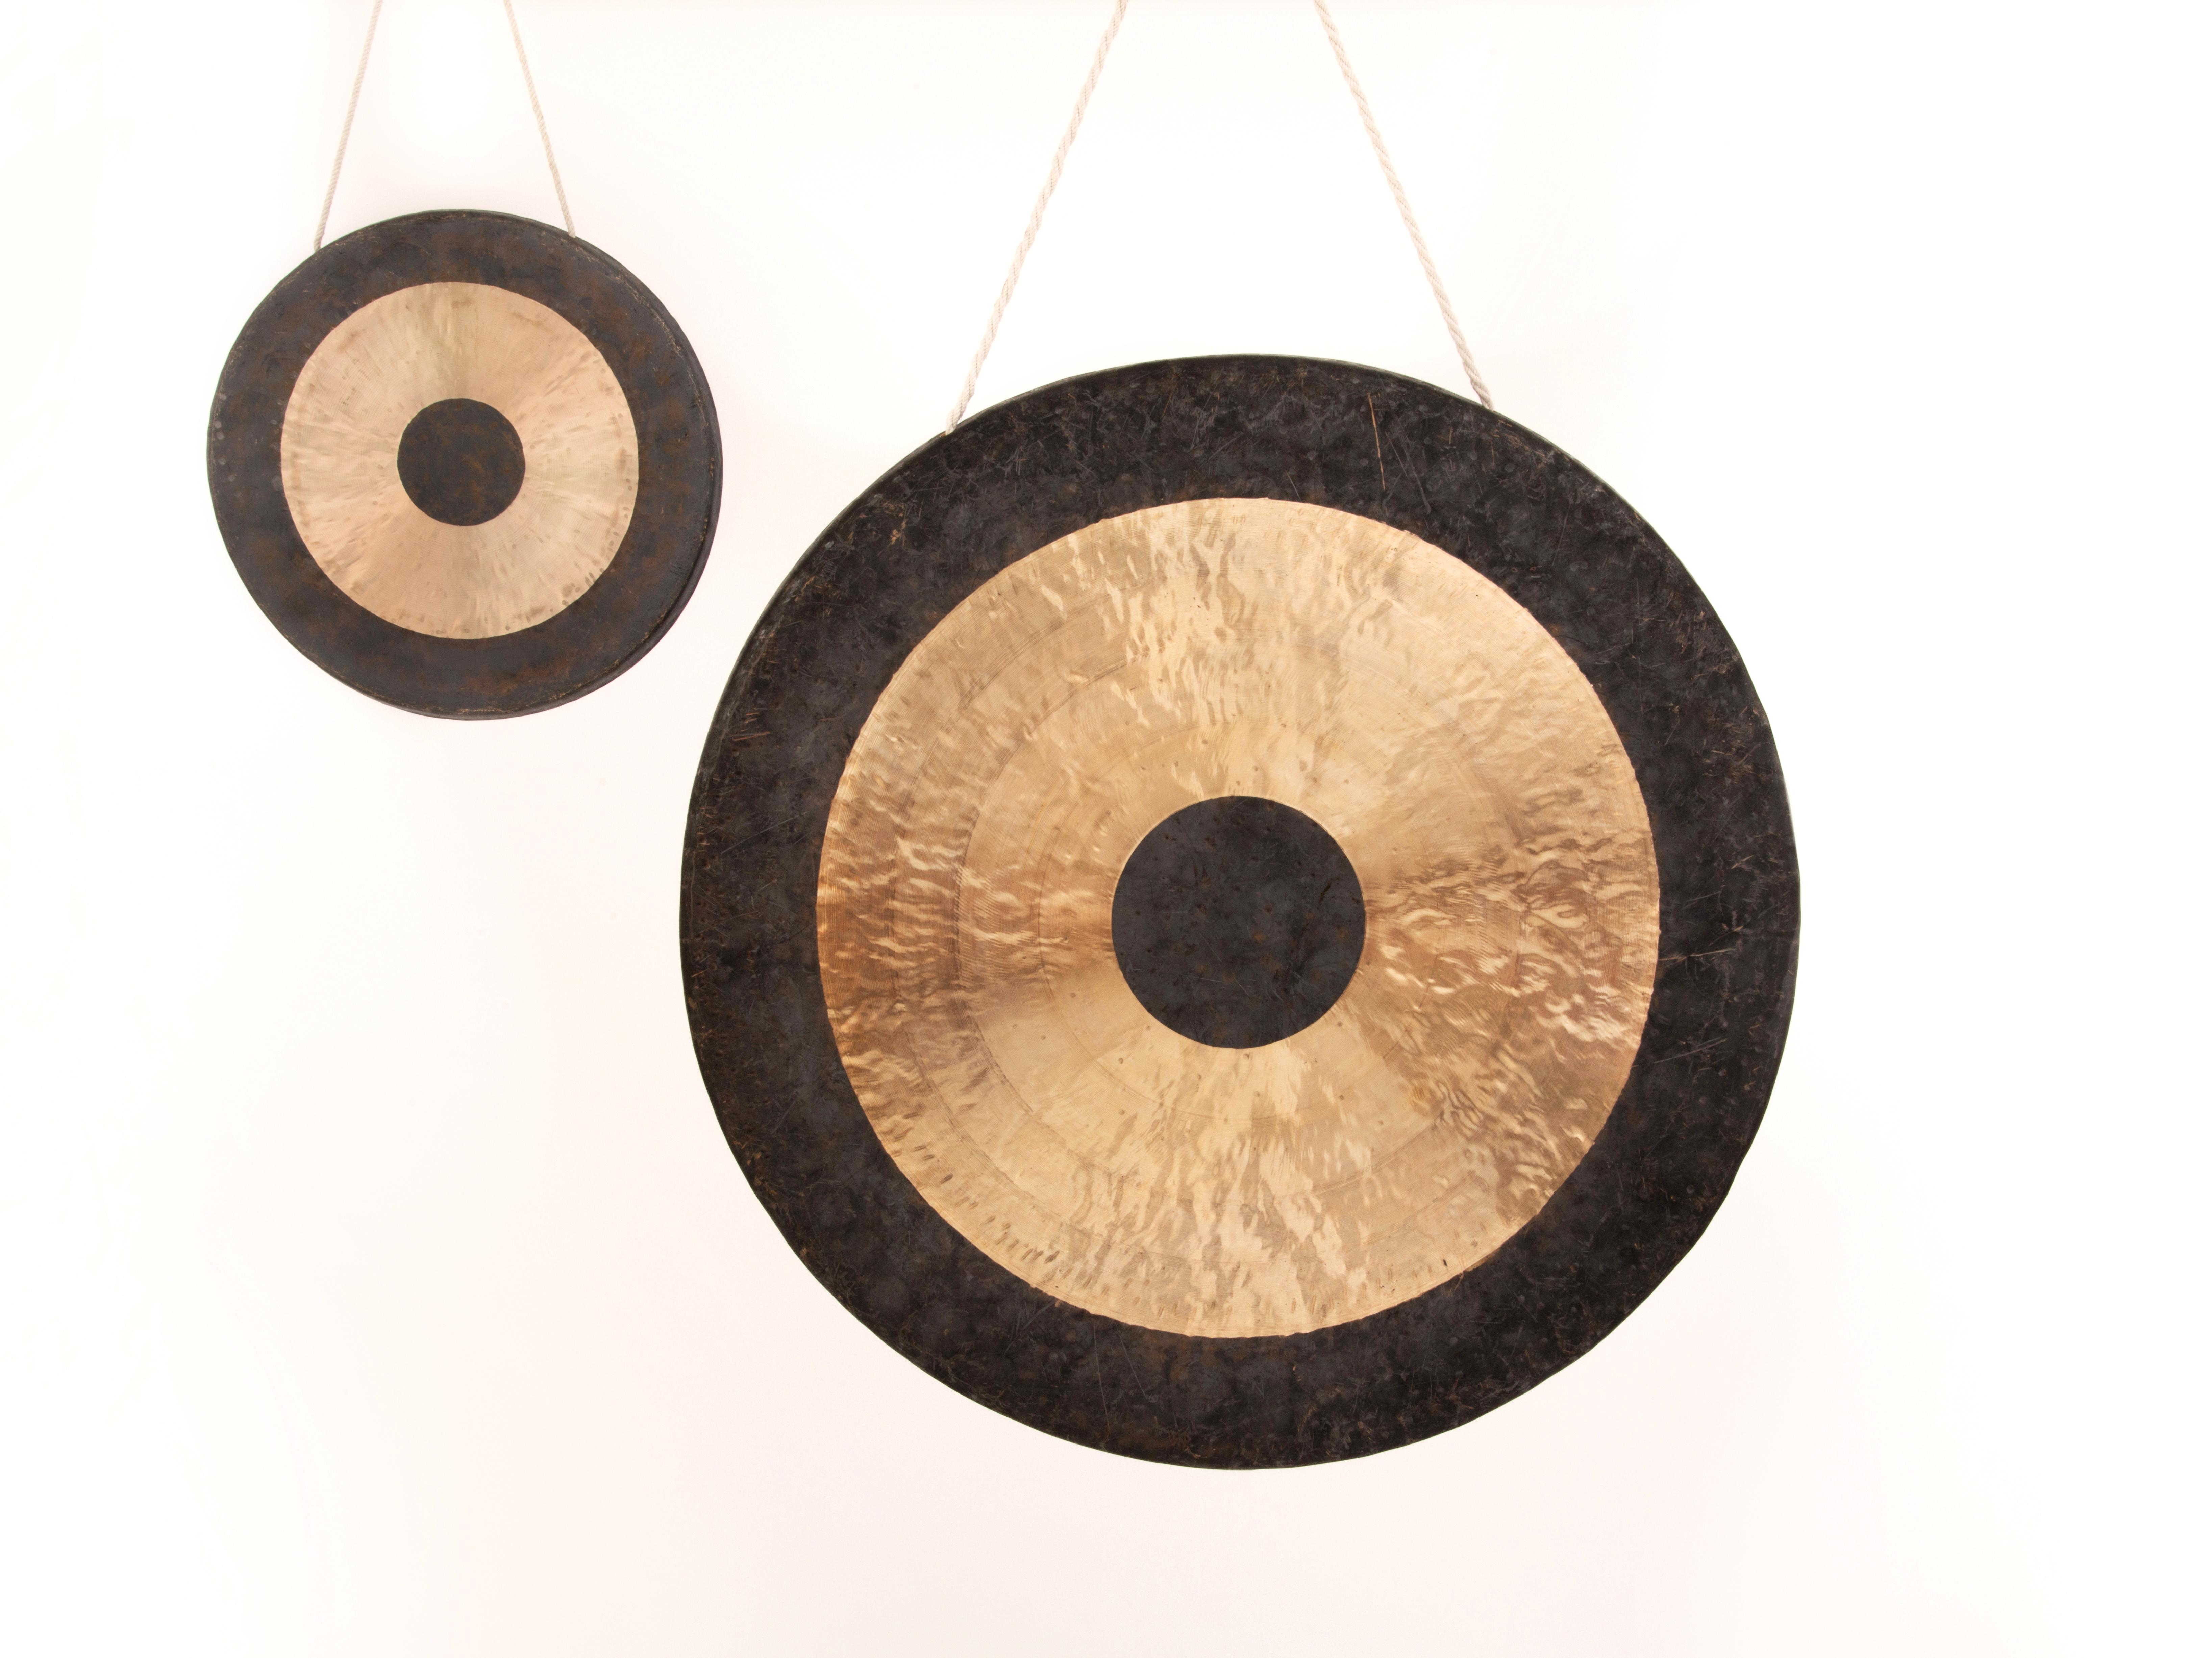 TamTam-Gong, Peter Hess